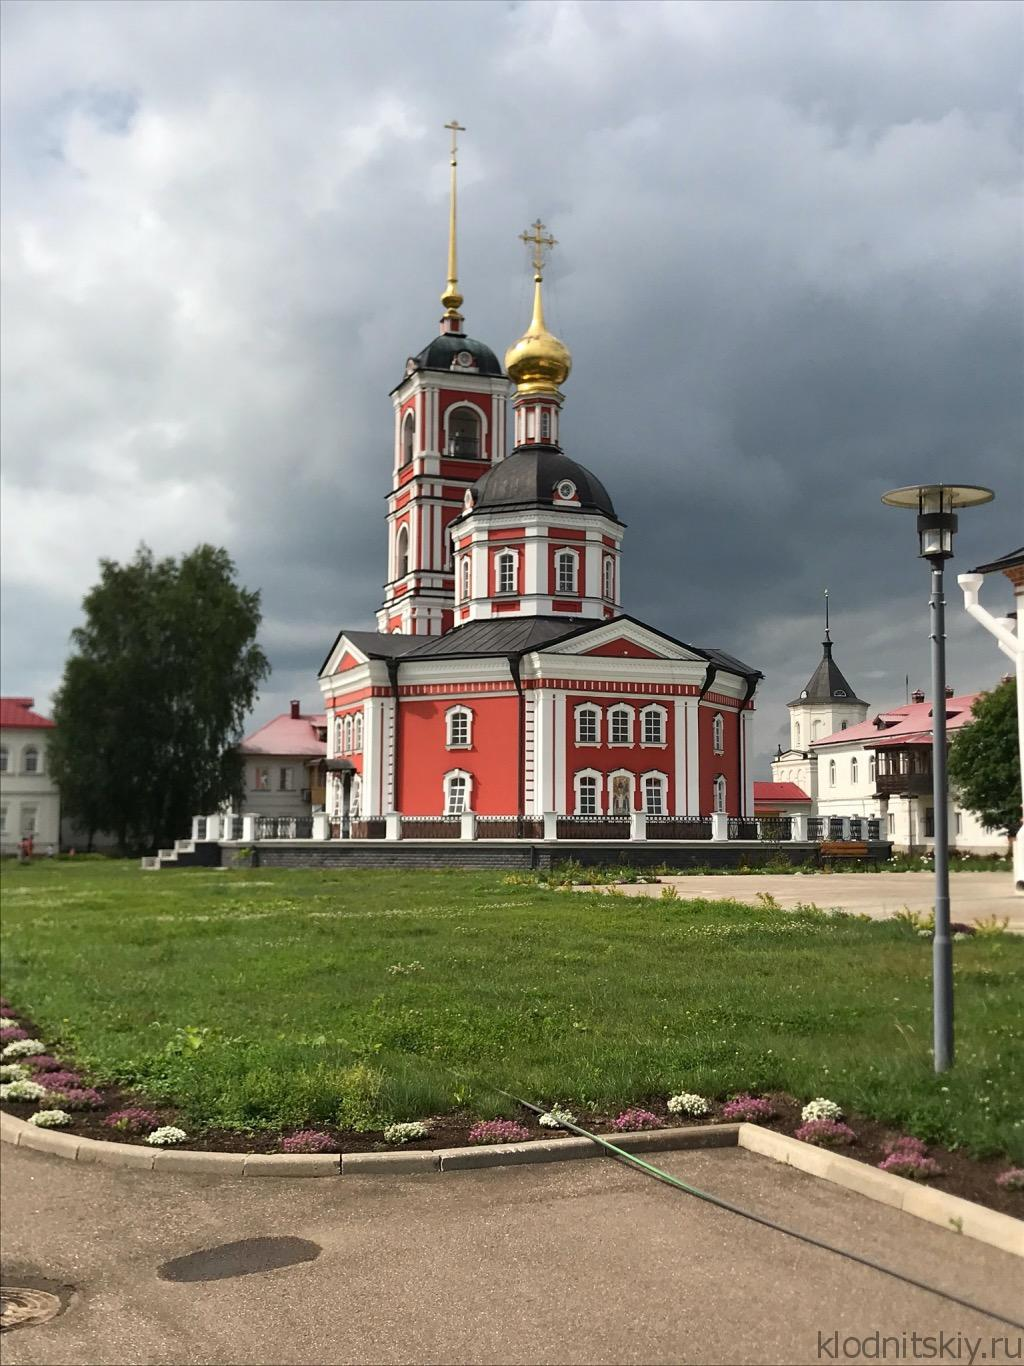 Автопутешествие по золотому кольцу. Троице-Сергиев Варницкий Монастырь.